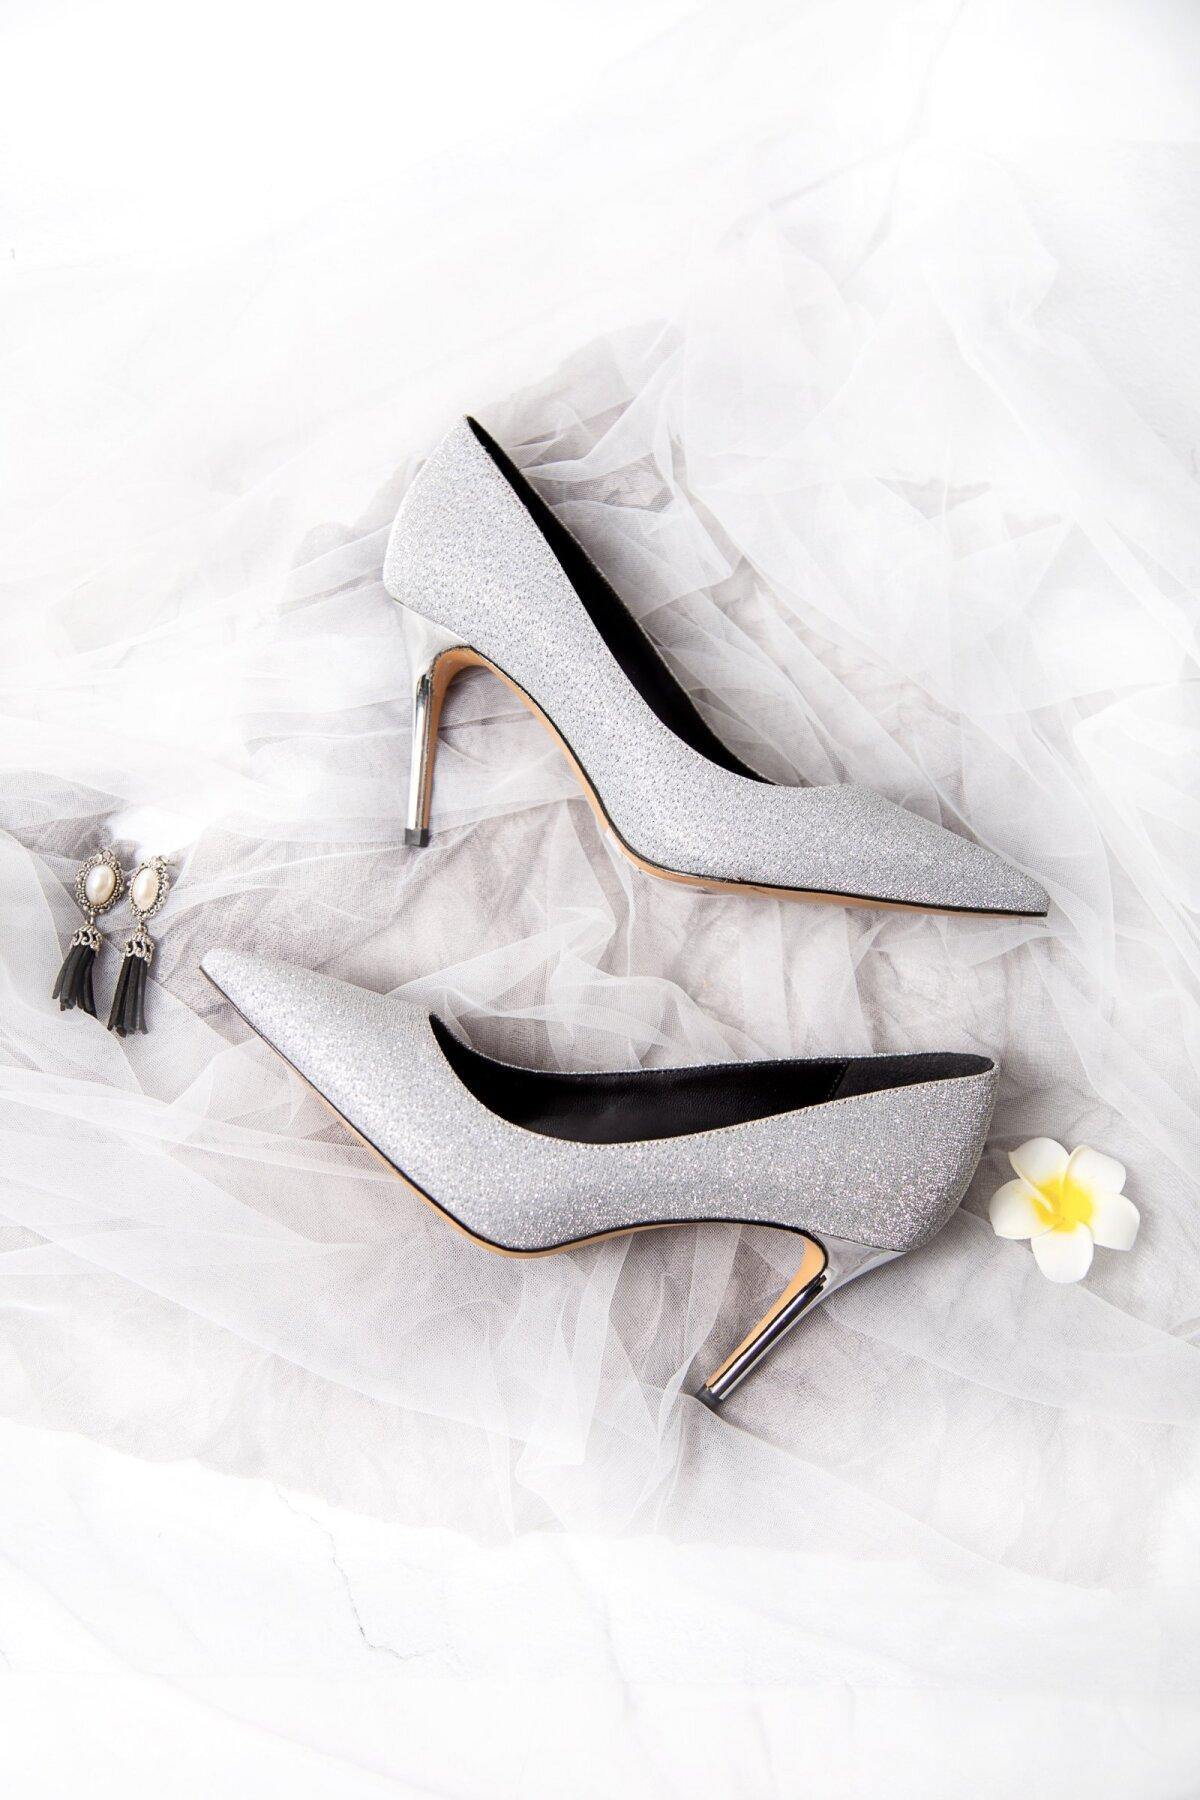 Продажи обуви на каблуках рухнули - в ней некуда ходить